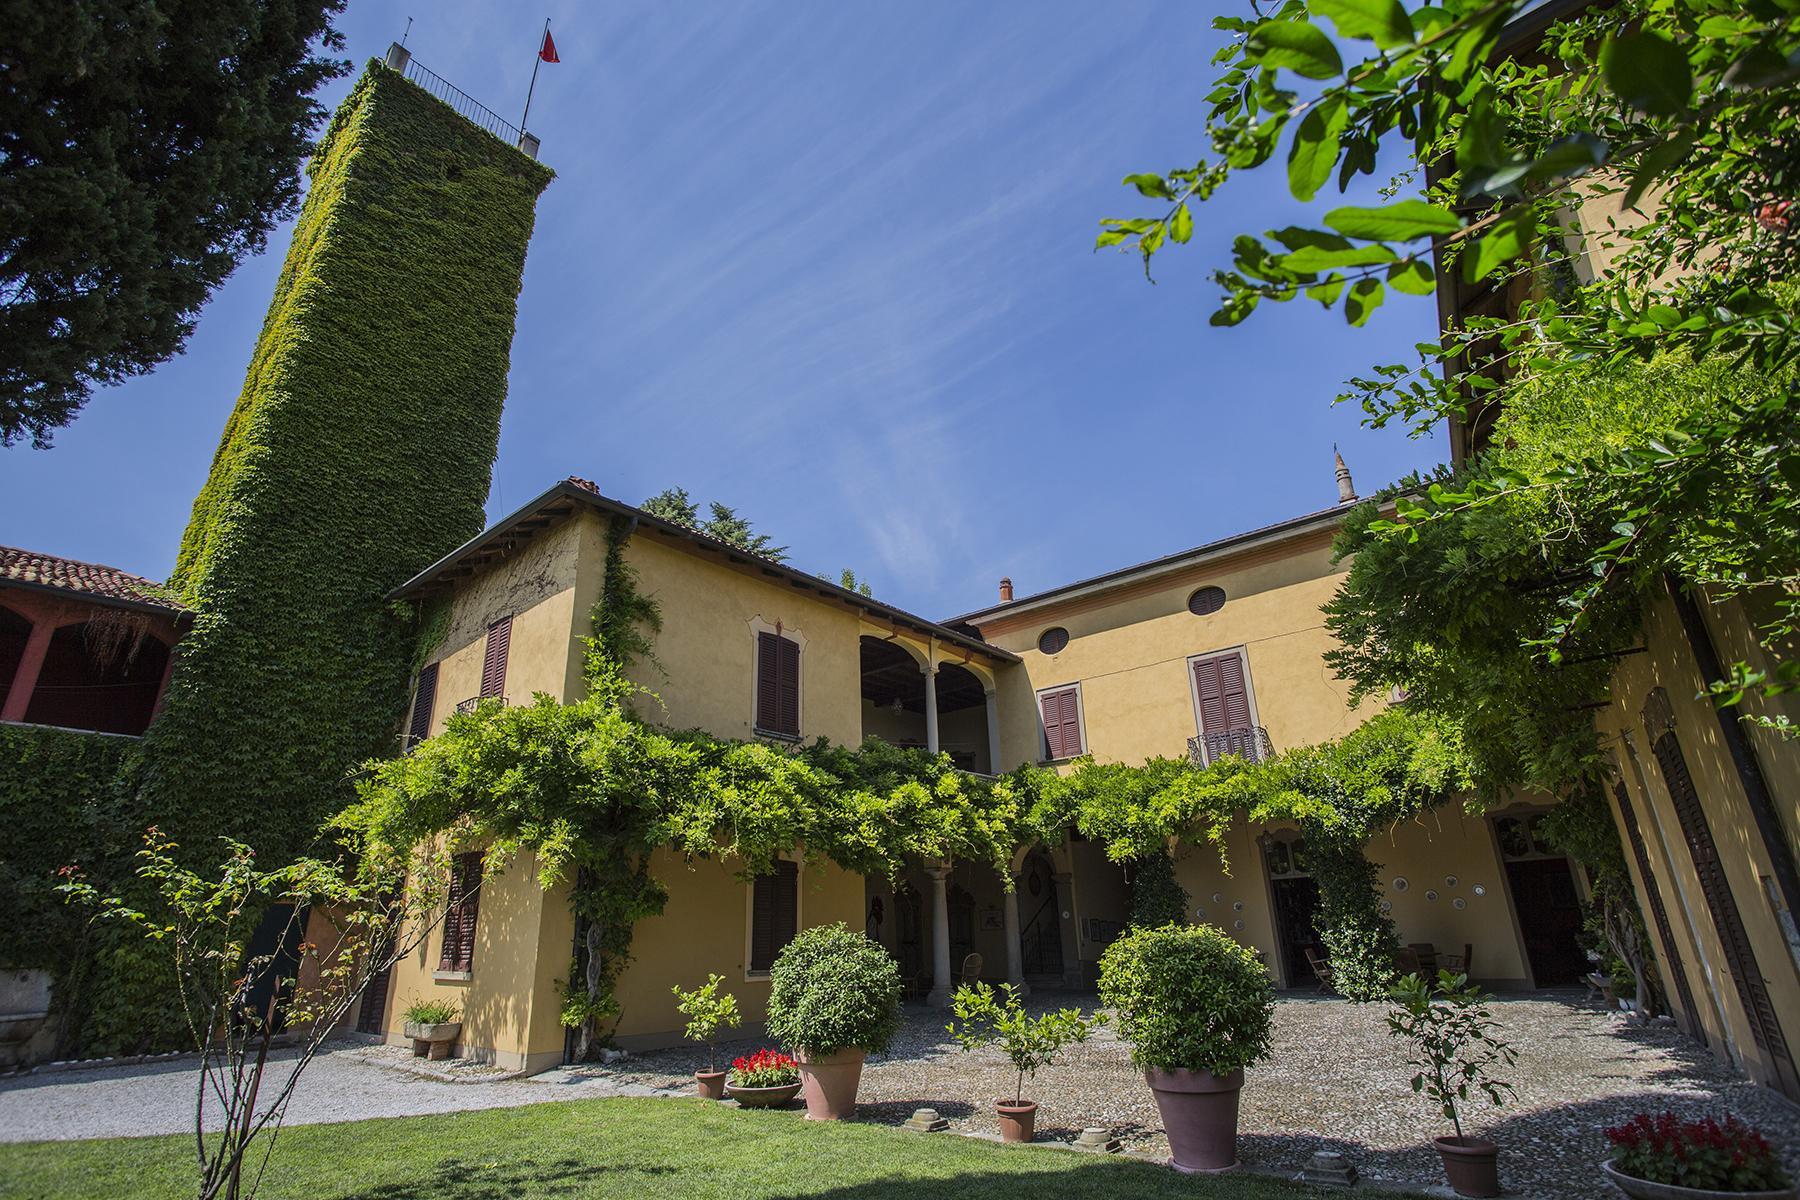 Magnifique bâtiment d'époque surplombant les collines de la « Brianza Lombarda » - 2